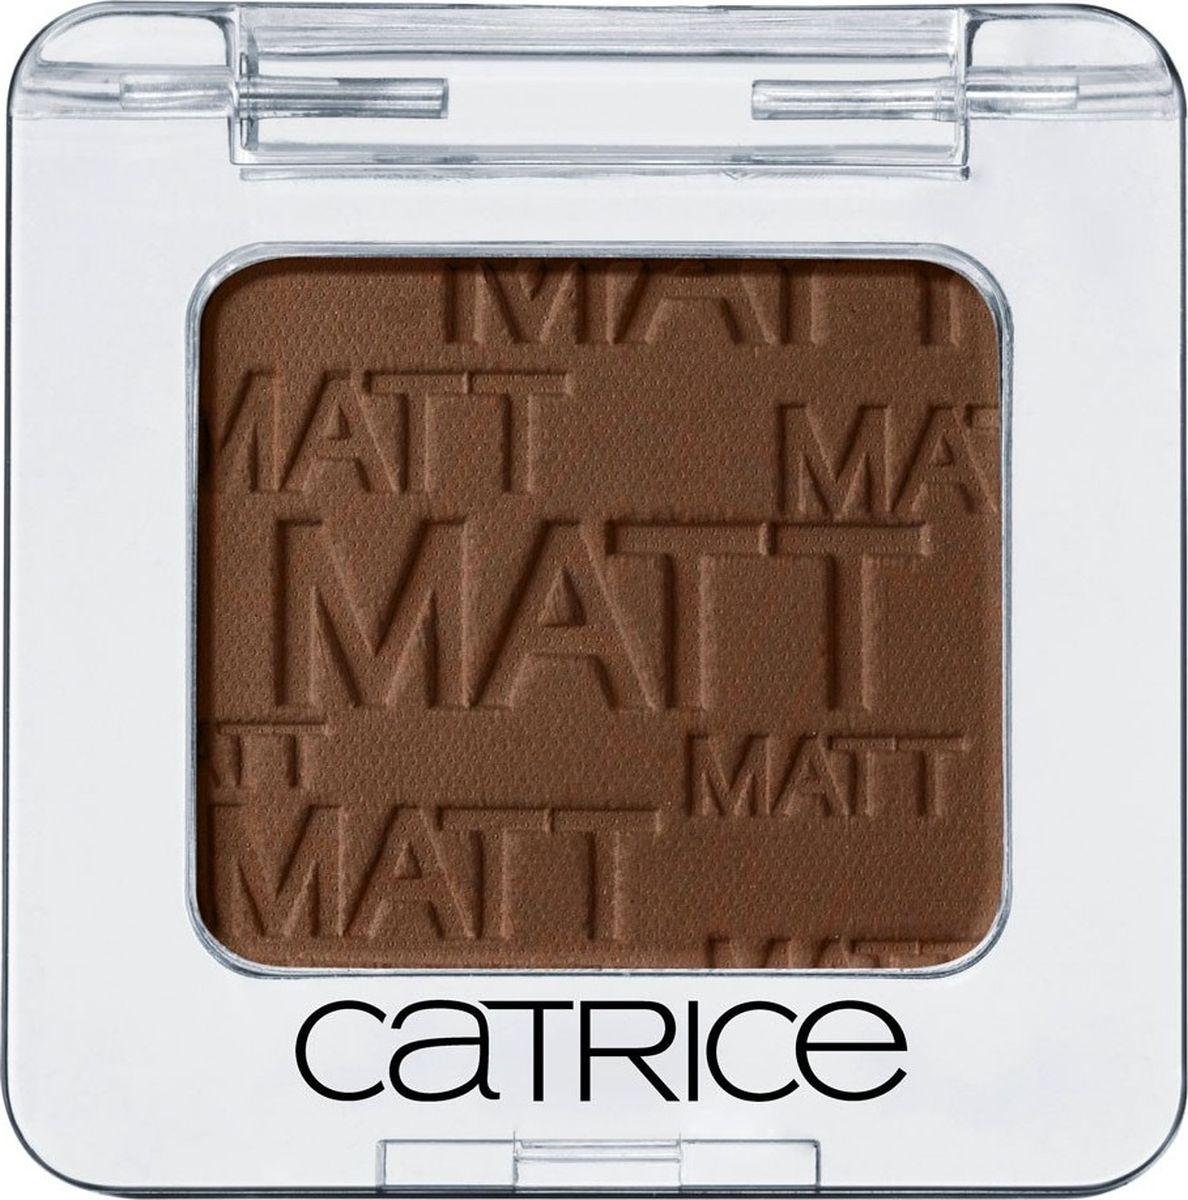 Catrice Тени для век одинарные Absolute Eye Colour 930 Hakuna MATTata коричневый матовый 2 грGESS-131Высокопигментированные пудровые тени, широкая цветовая гамма, стойкость, легкость в нанесении и разнообразие эффектов.